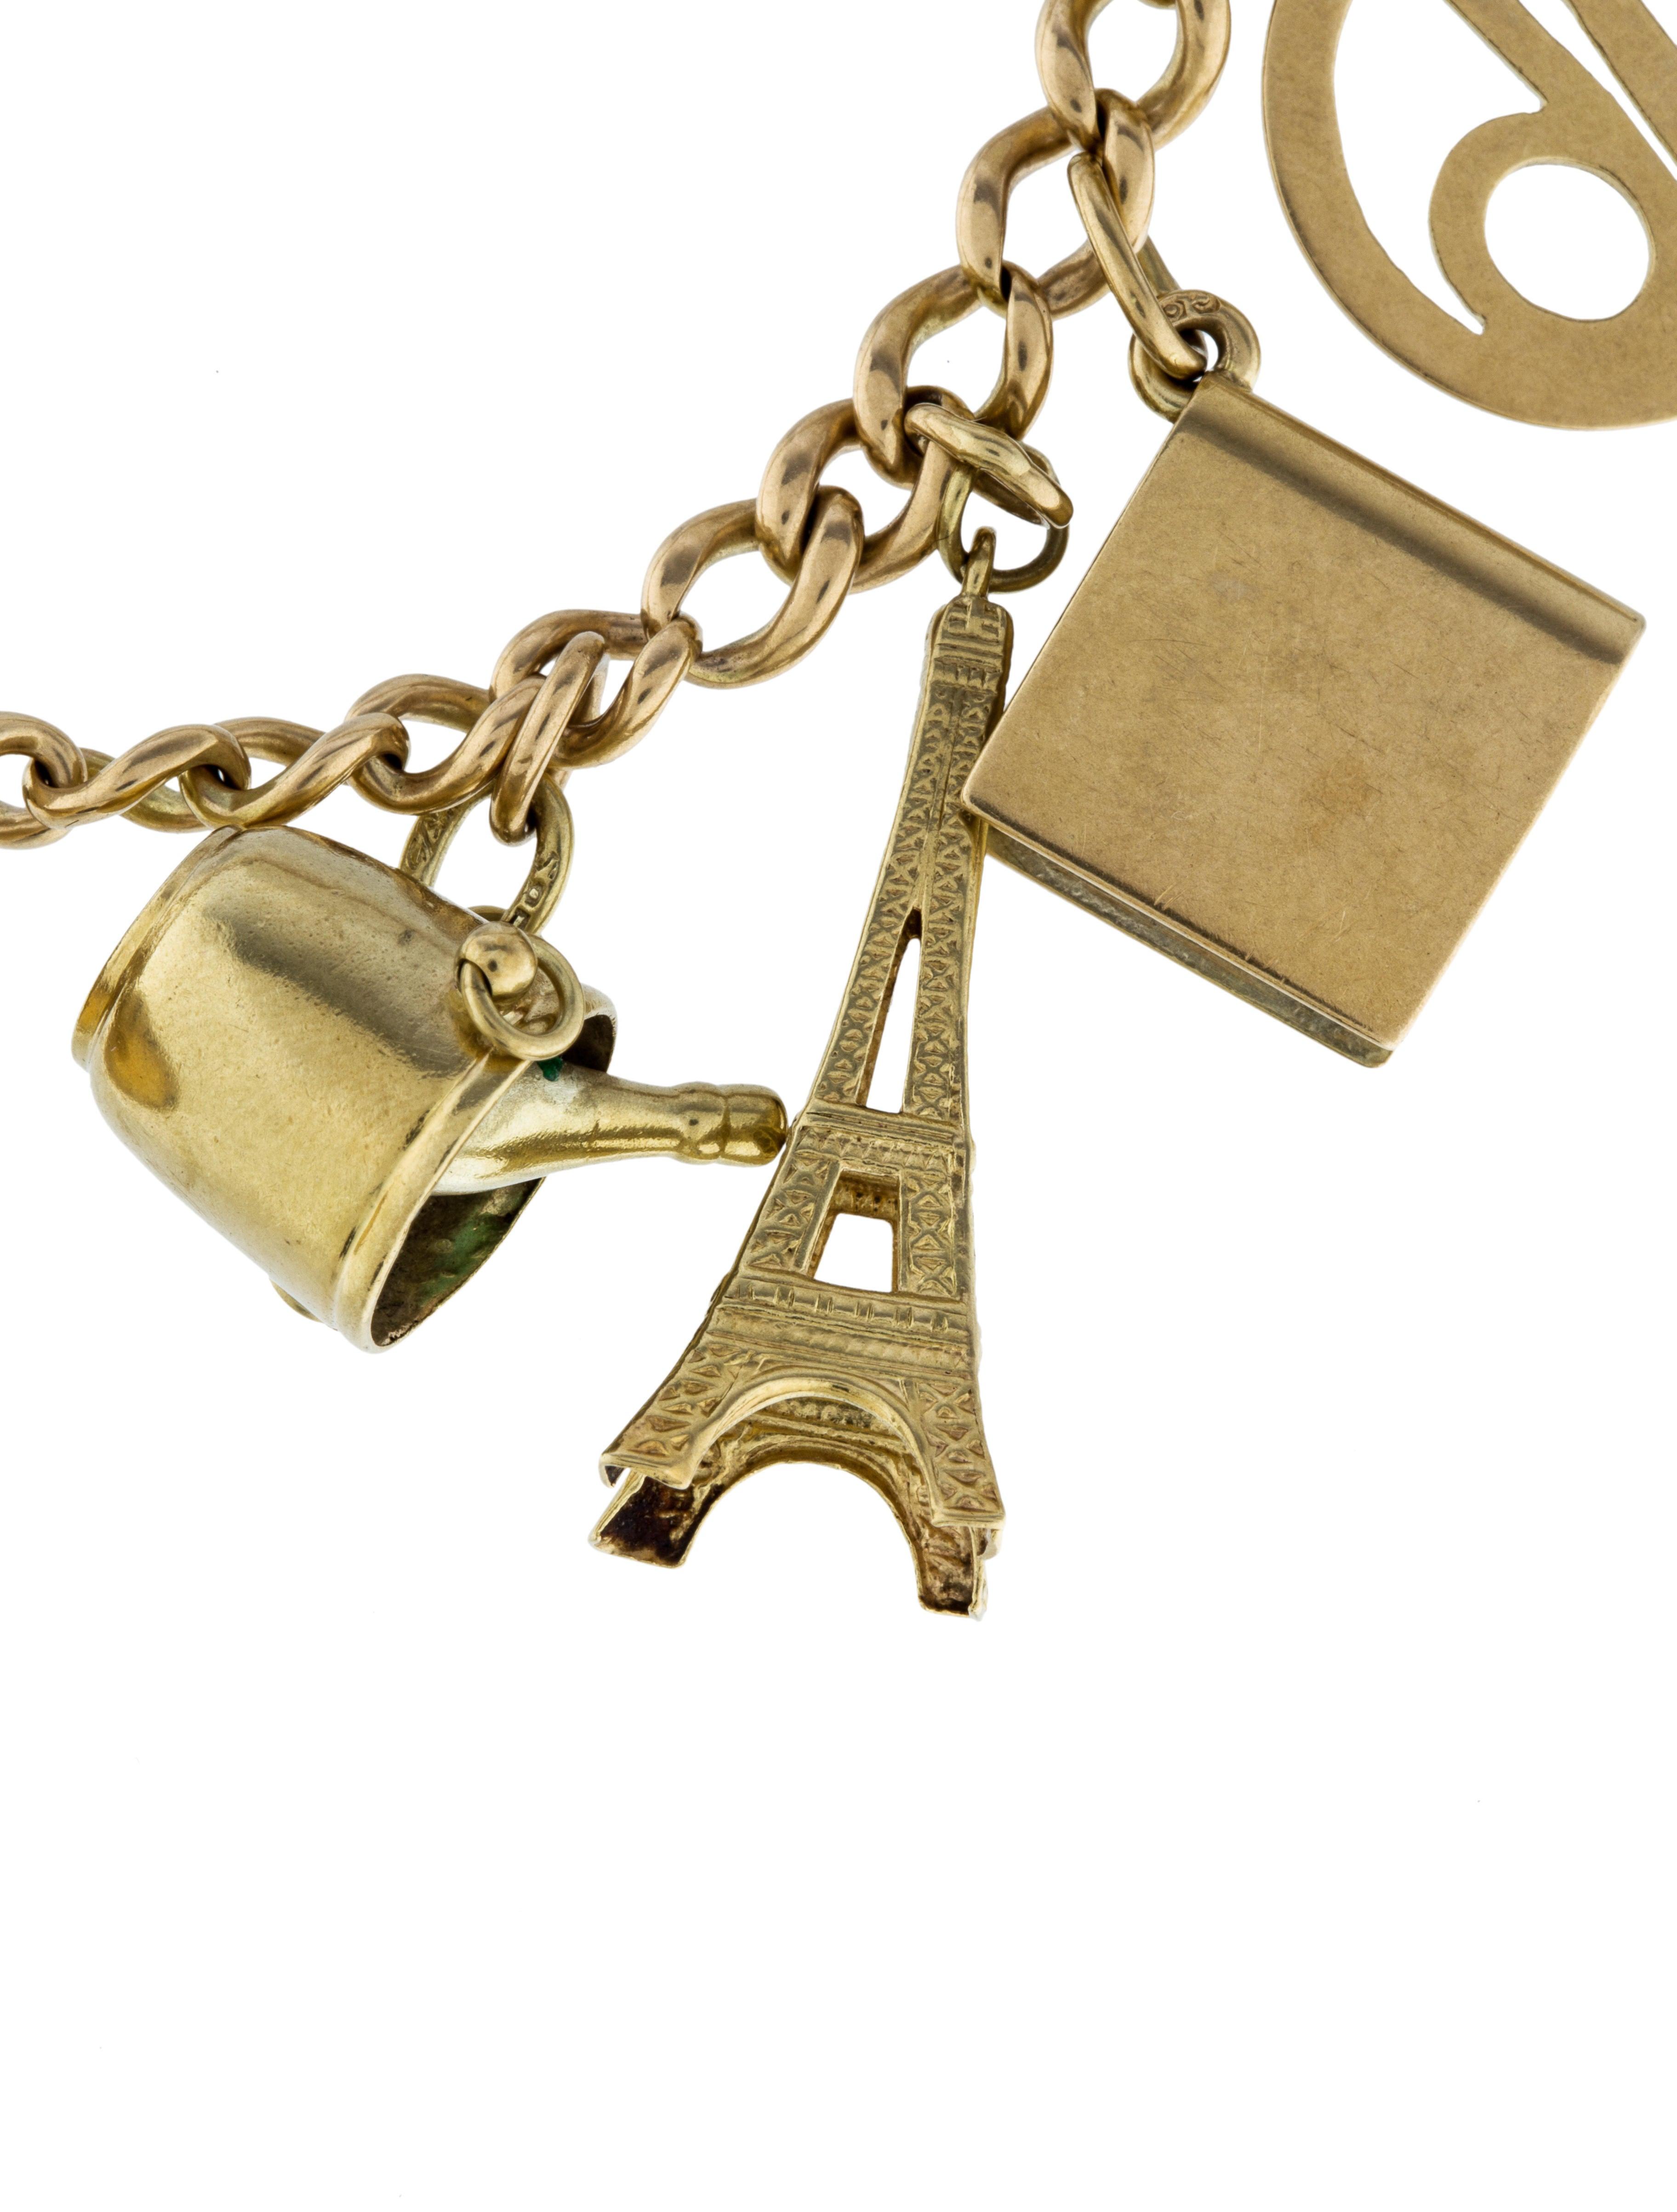 14k charm link bracelet bracelets brace27729 the